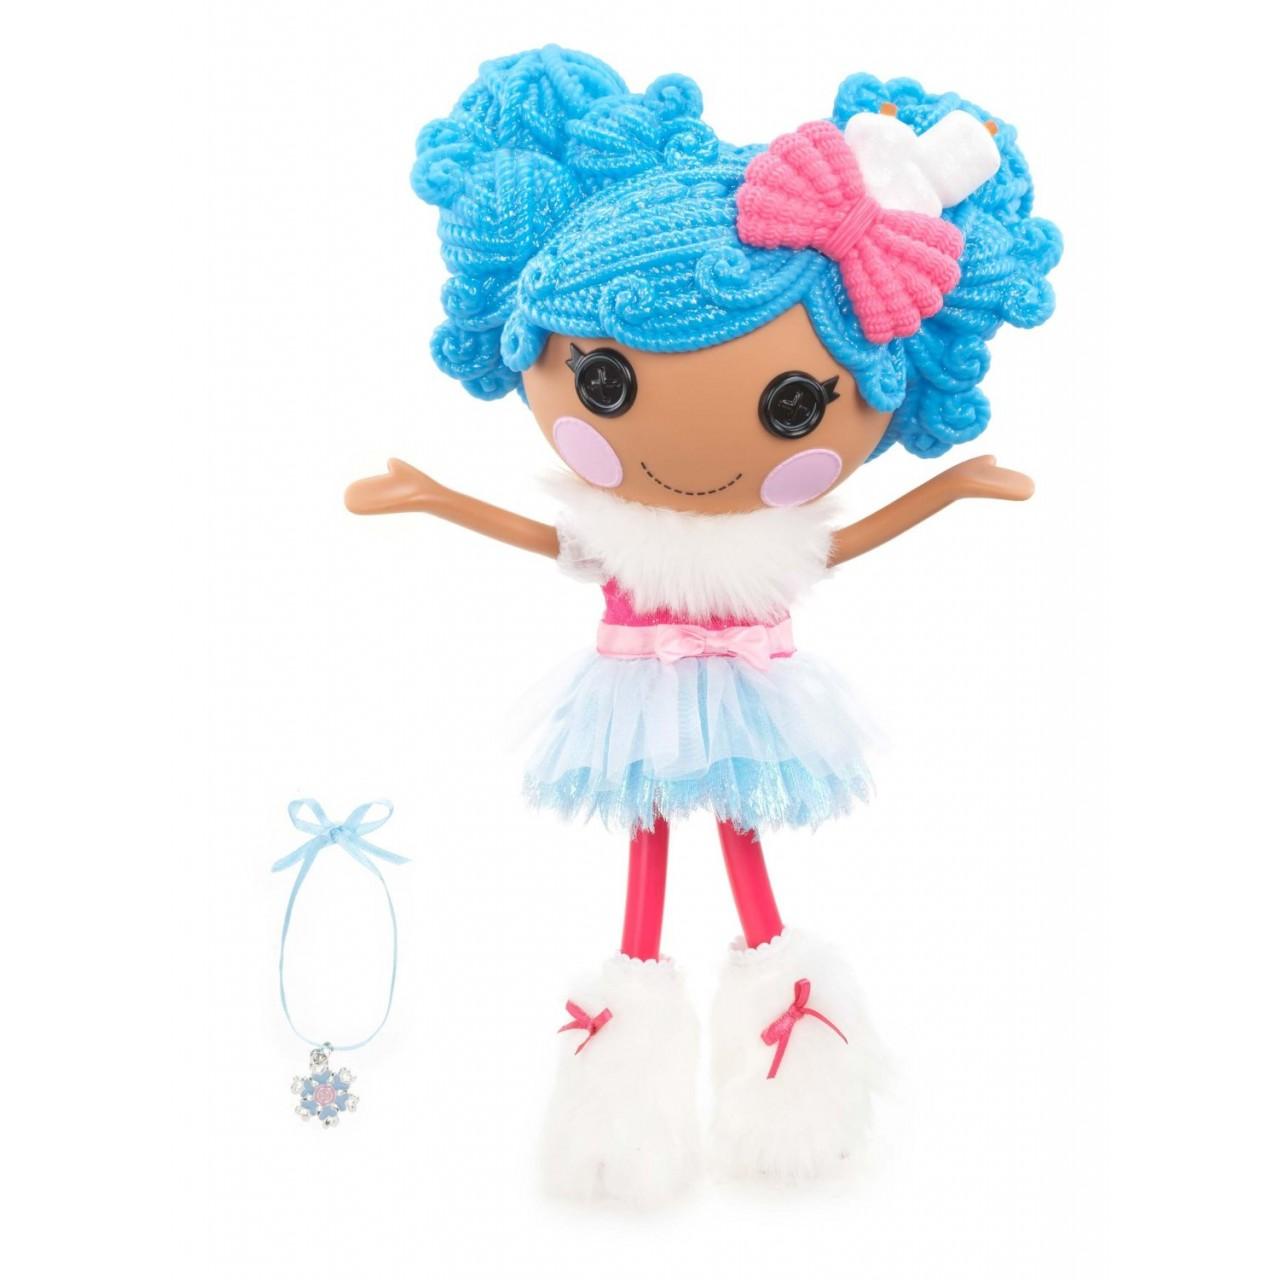 Кукла Lalaloopsy Lalabration большая - Снежинка